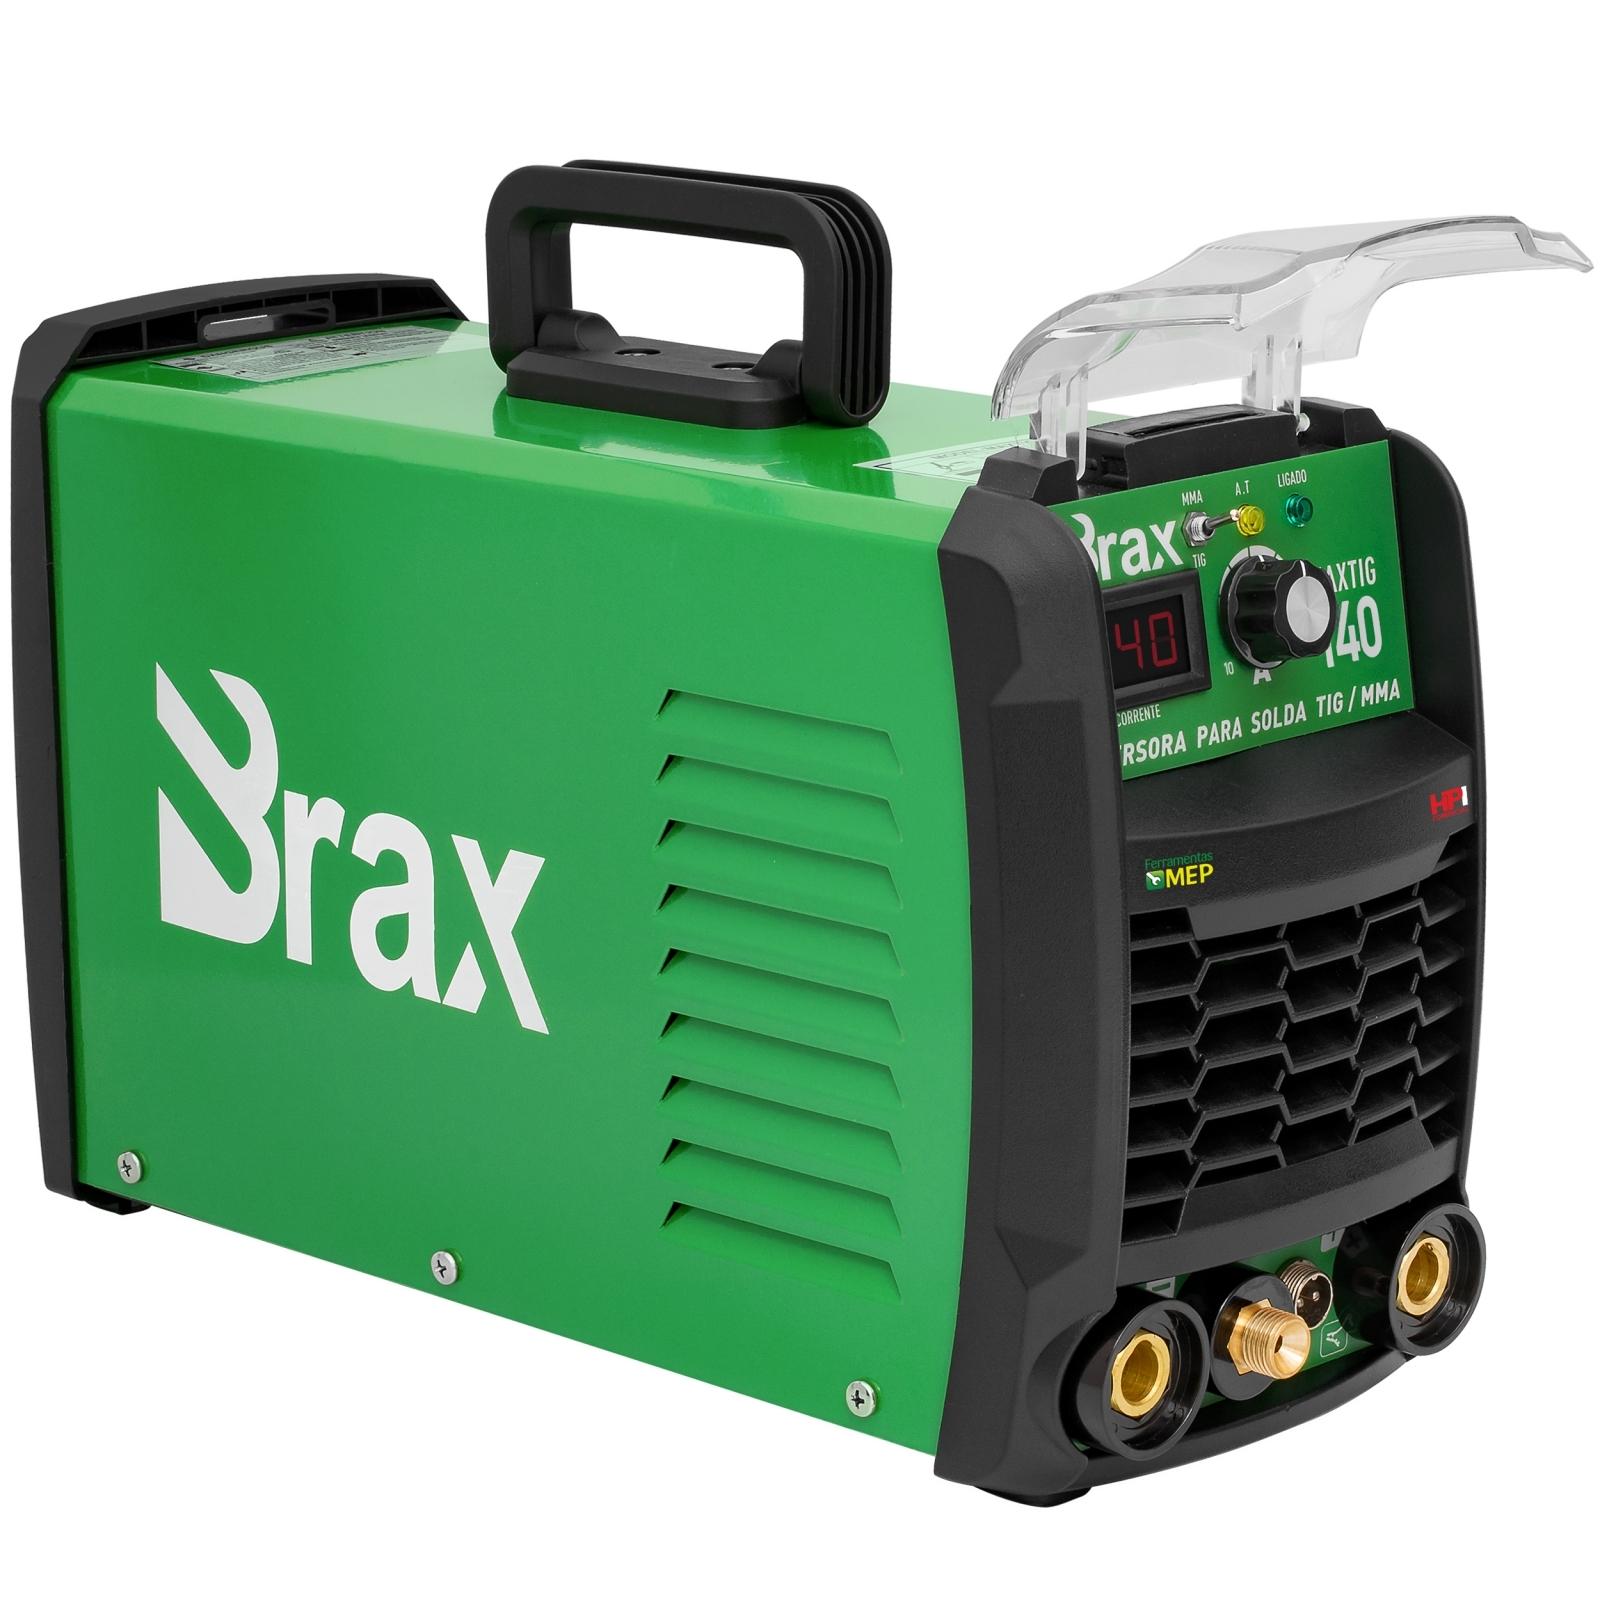 Máquina de Solda Tig 140 A Bivolt  Brax Maxitig 140 Completa - Ferramentas MEP